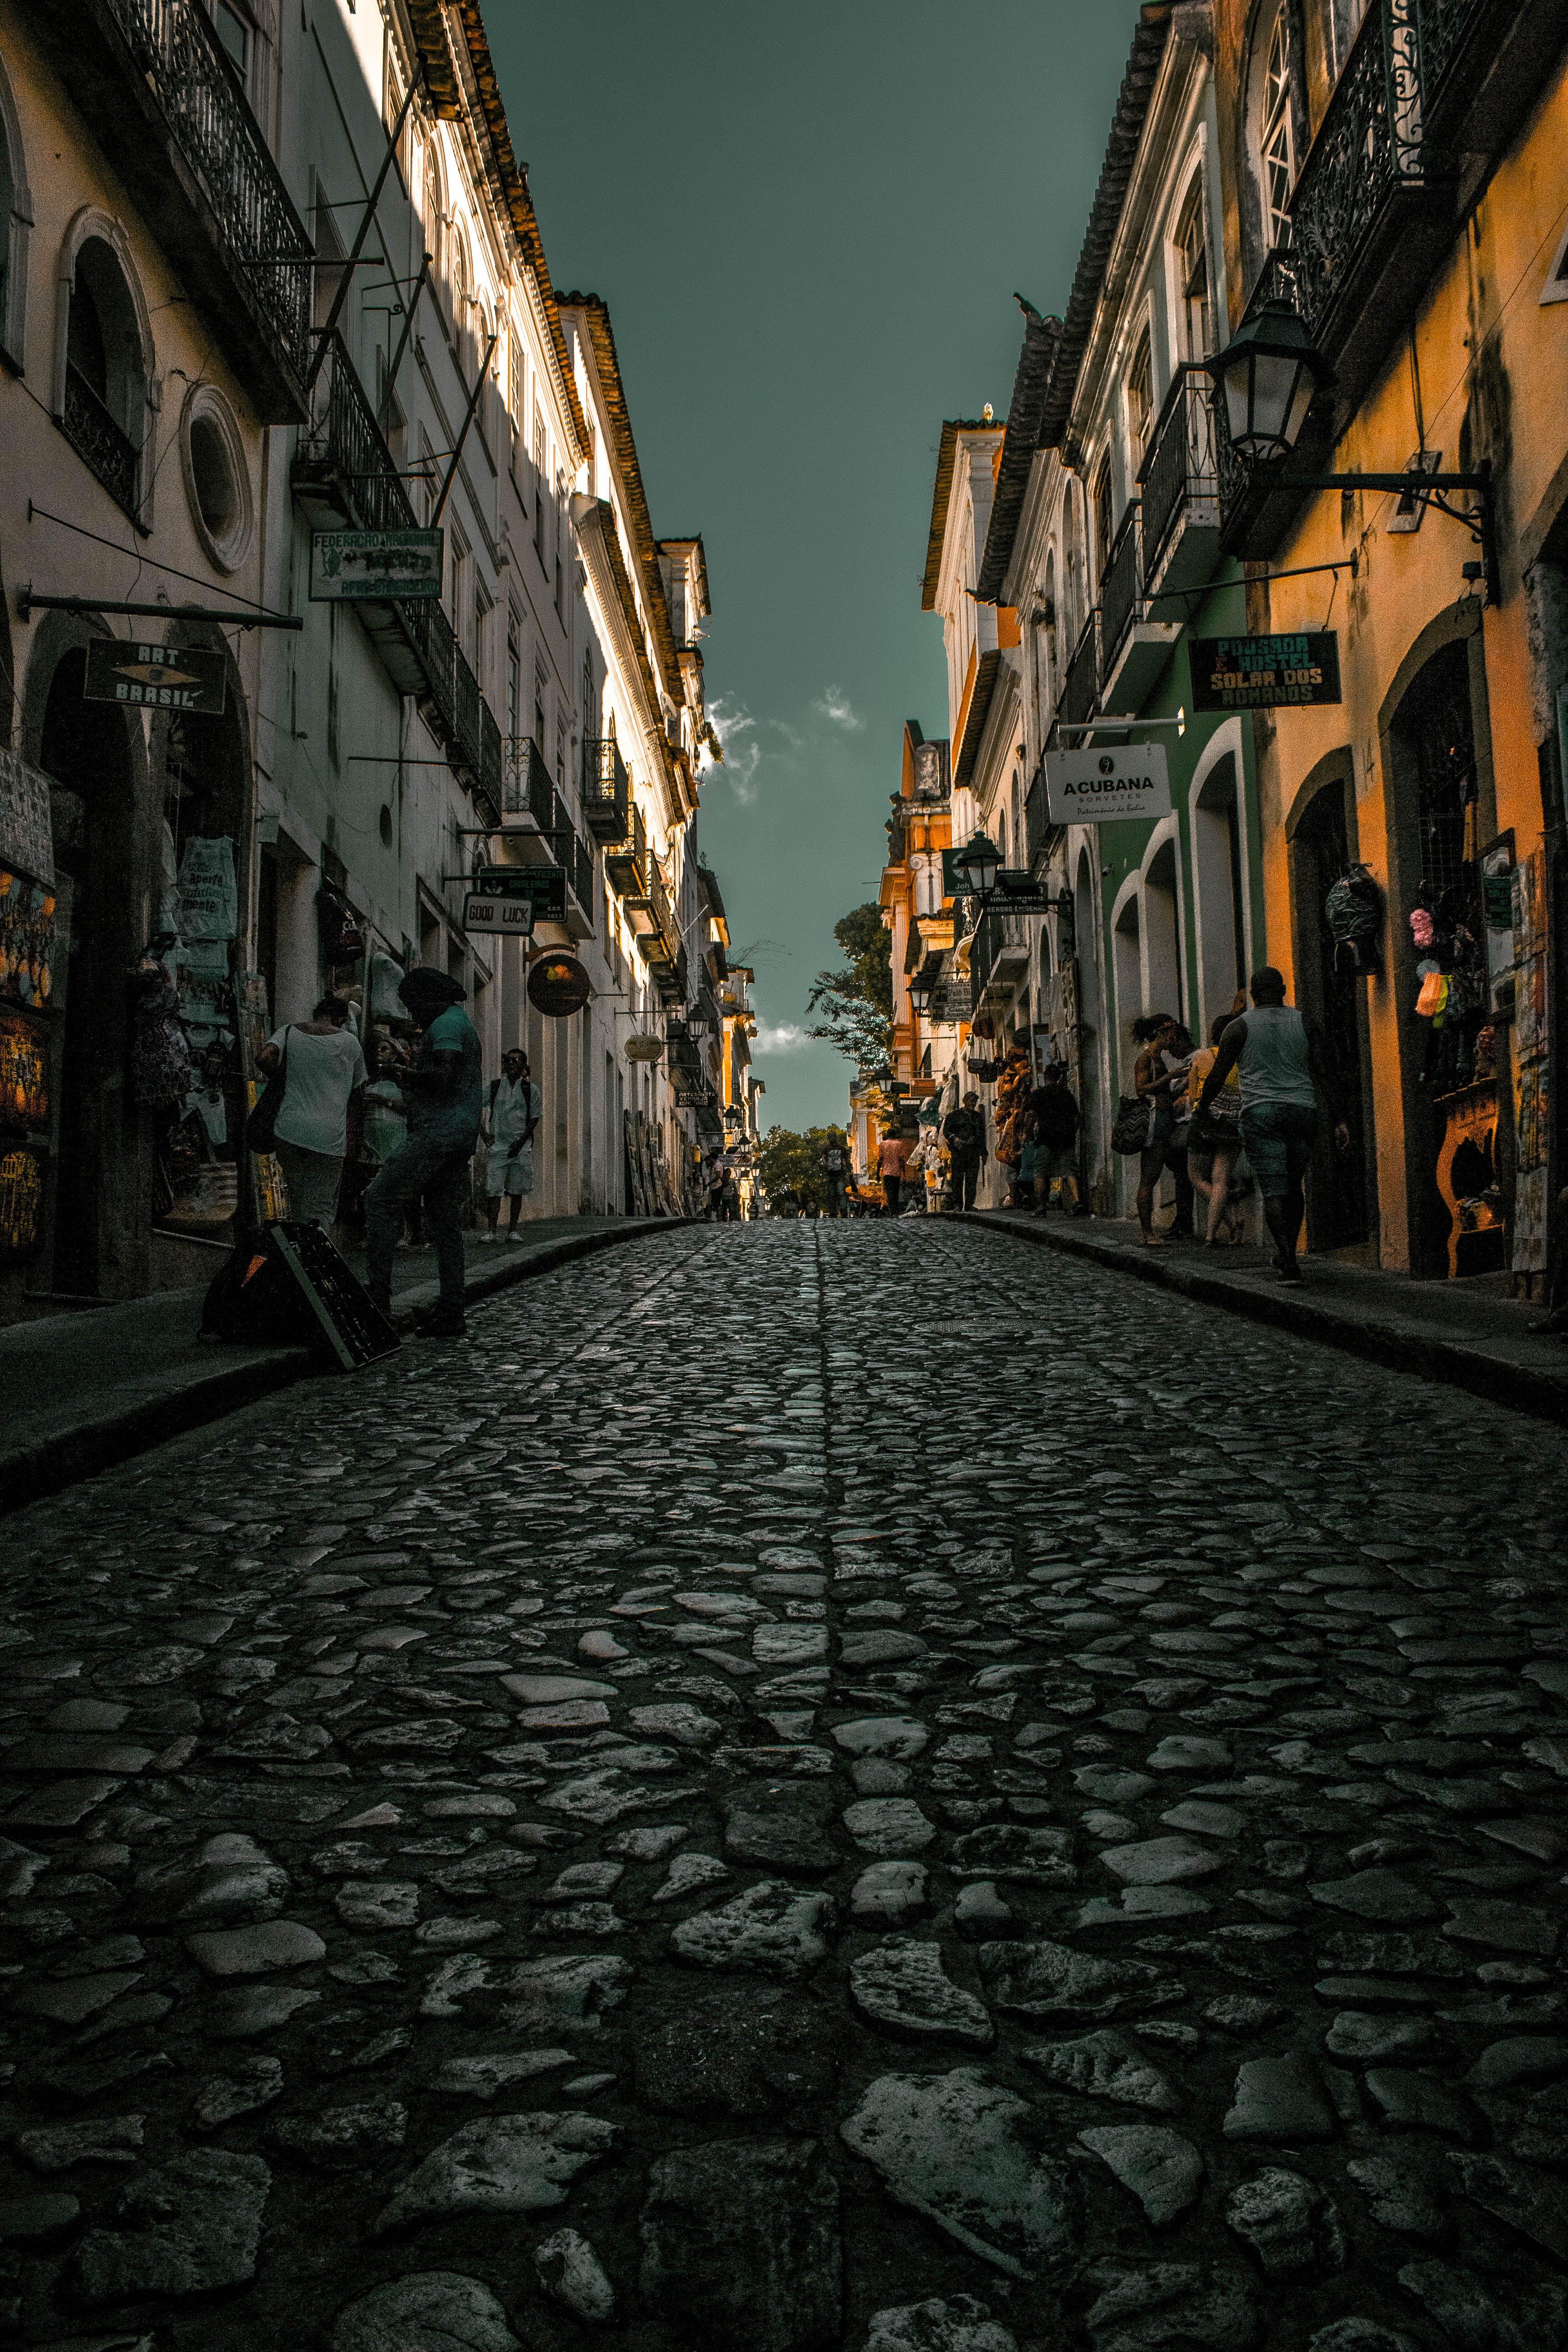 シティ, タウン, ライト, 光の無料の写真素材